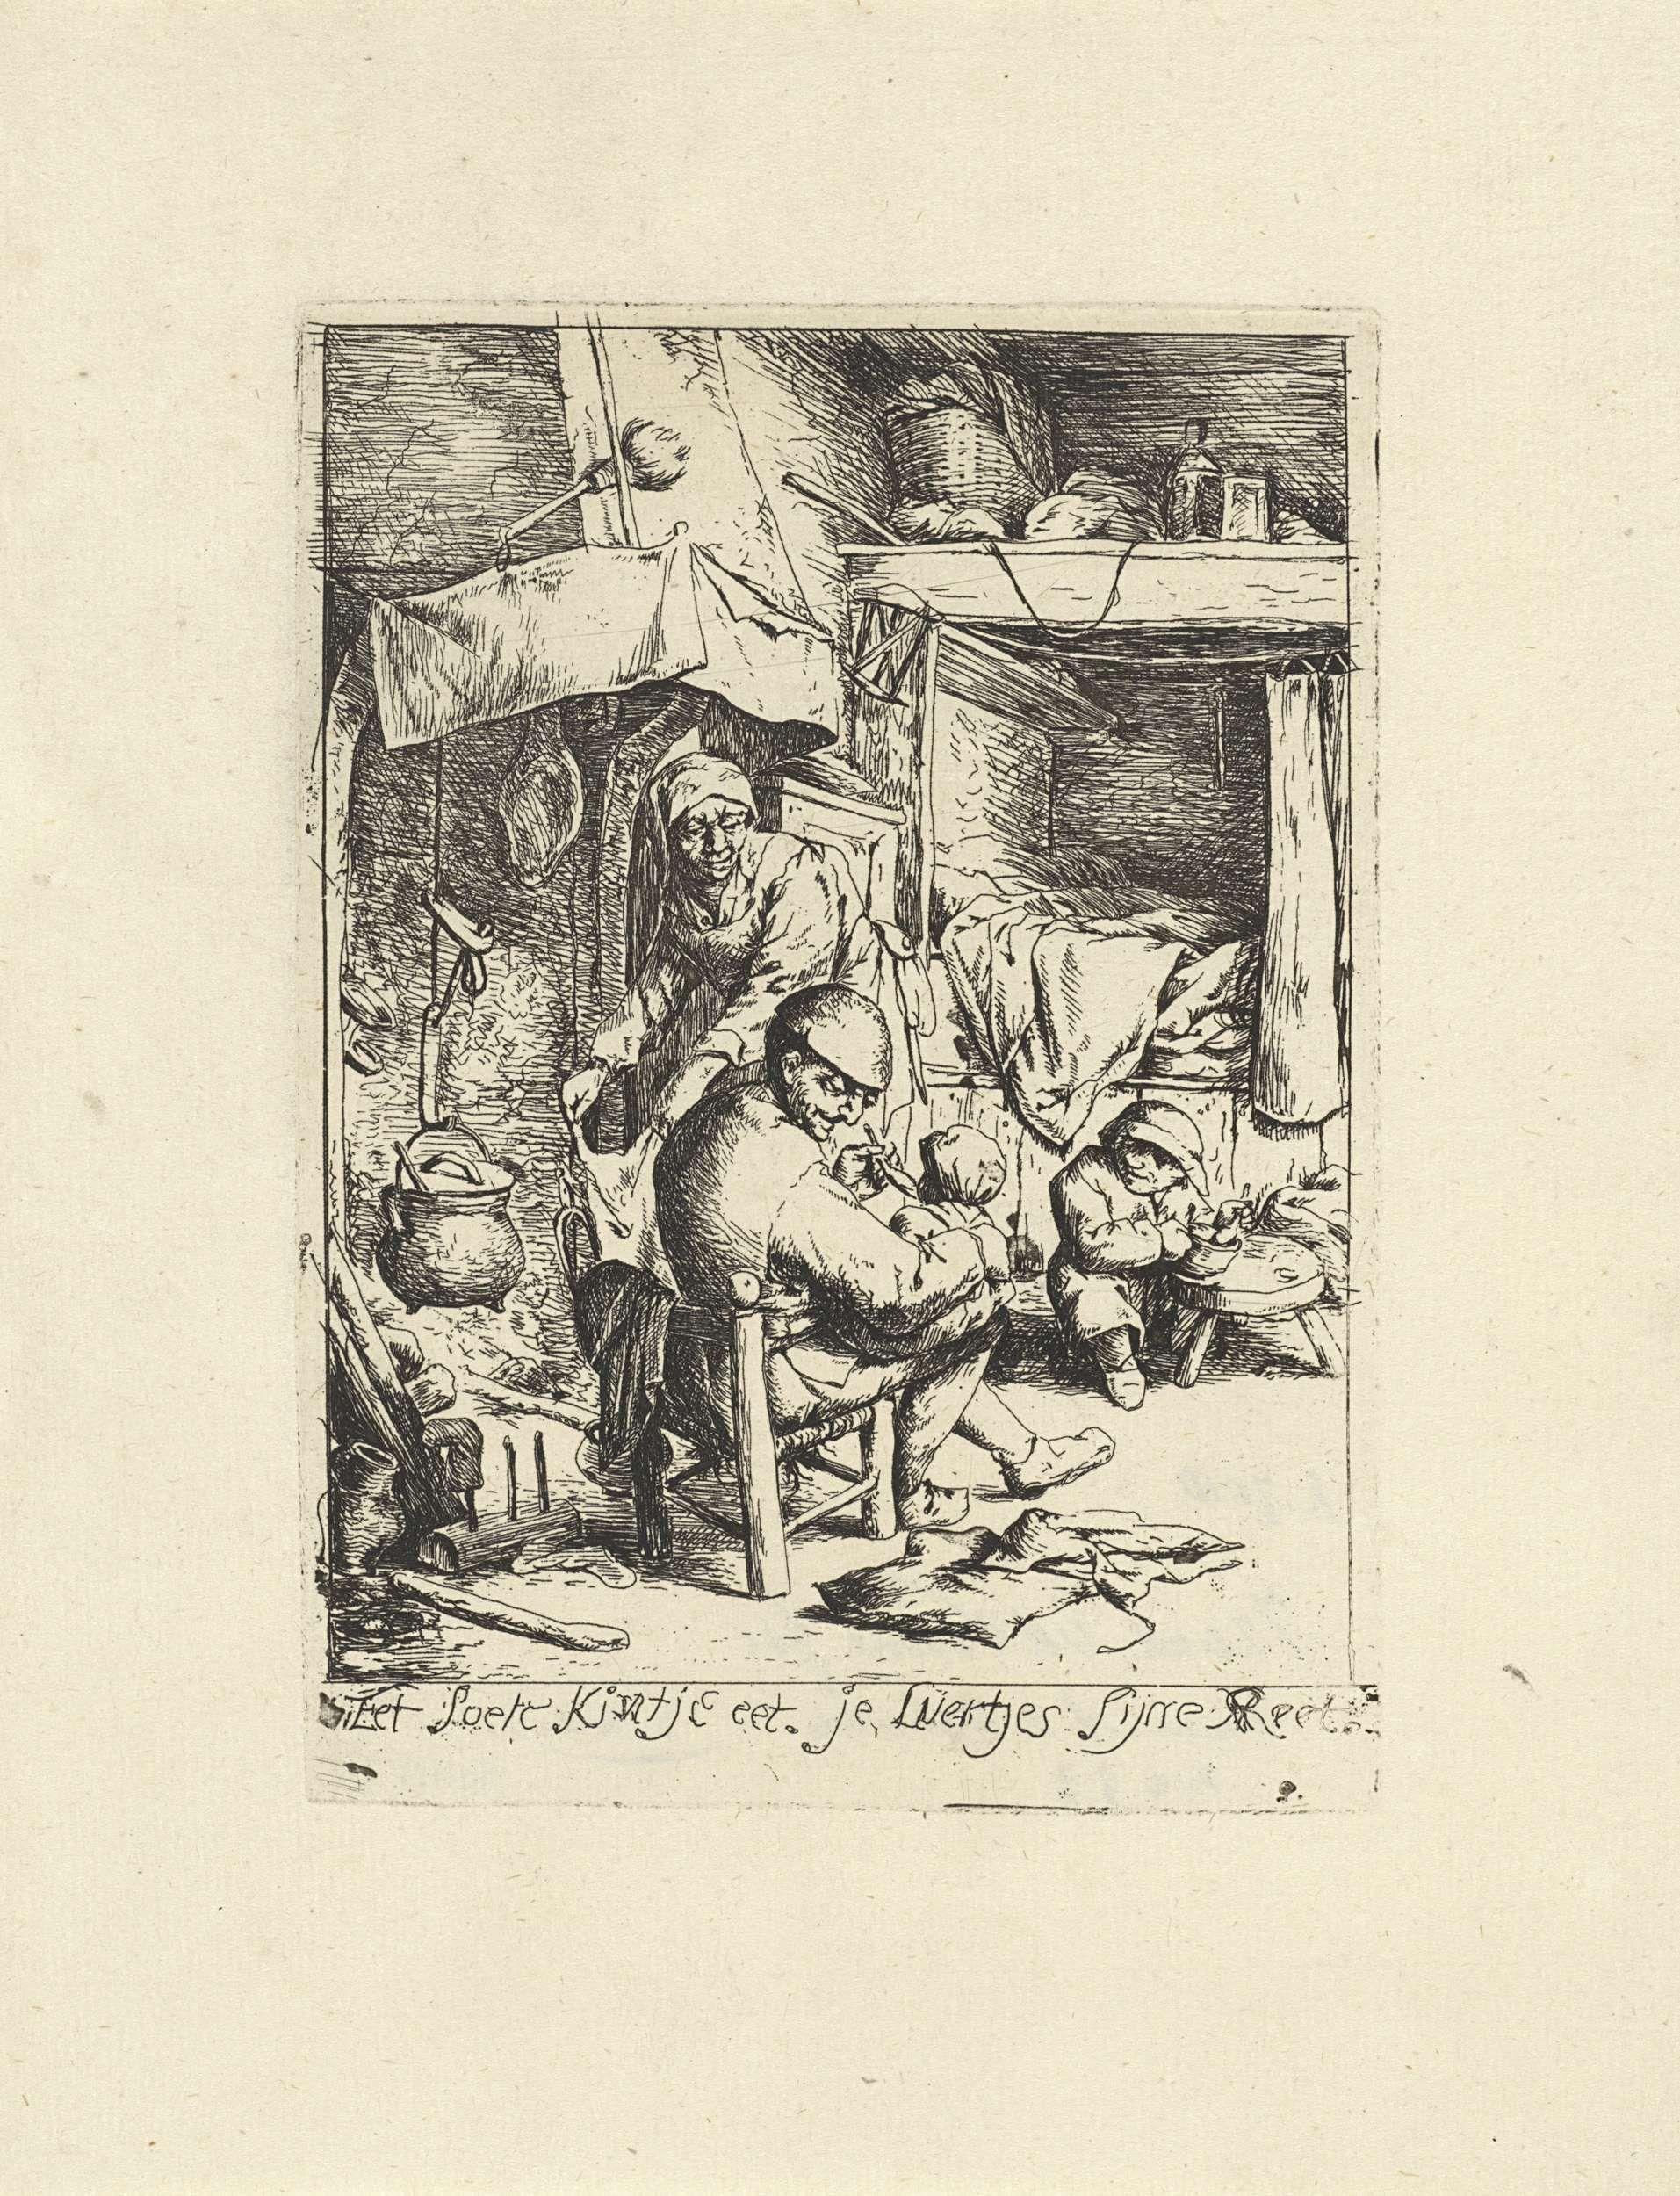 Jacob Laurensz. van der Vinne | Vader voedt een kind, Jacob Laurensz. van der Vinne, Adriaen van Ostade, 1699 | In een boereninterieur heeft een man een kind op schoot dat hij voedt met een lepel. Bij het haardvuur, waarboven een kookpot hangt, staat een vrouw. Bij een lage tafel bij de bedstee eet en kind. Onder de afbeelding het onderschrift: Eet soete kintje eet, je luertjes sijne Reet (eet zoet kindje eet, je luiers zijn klaar).